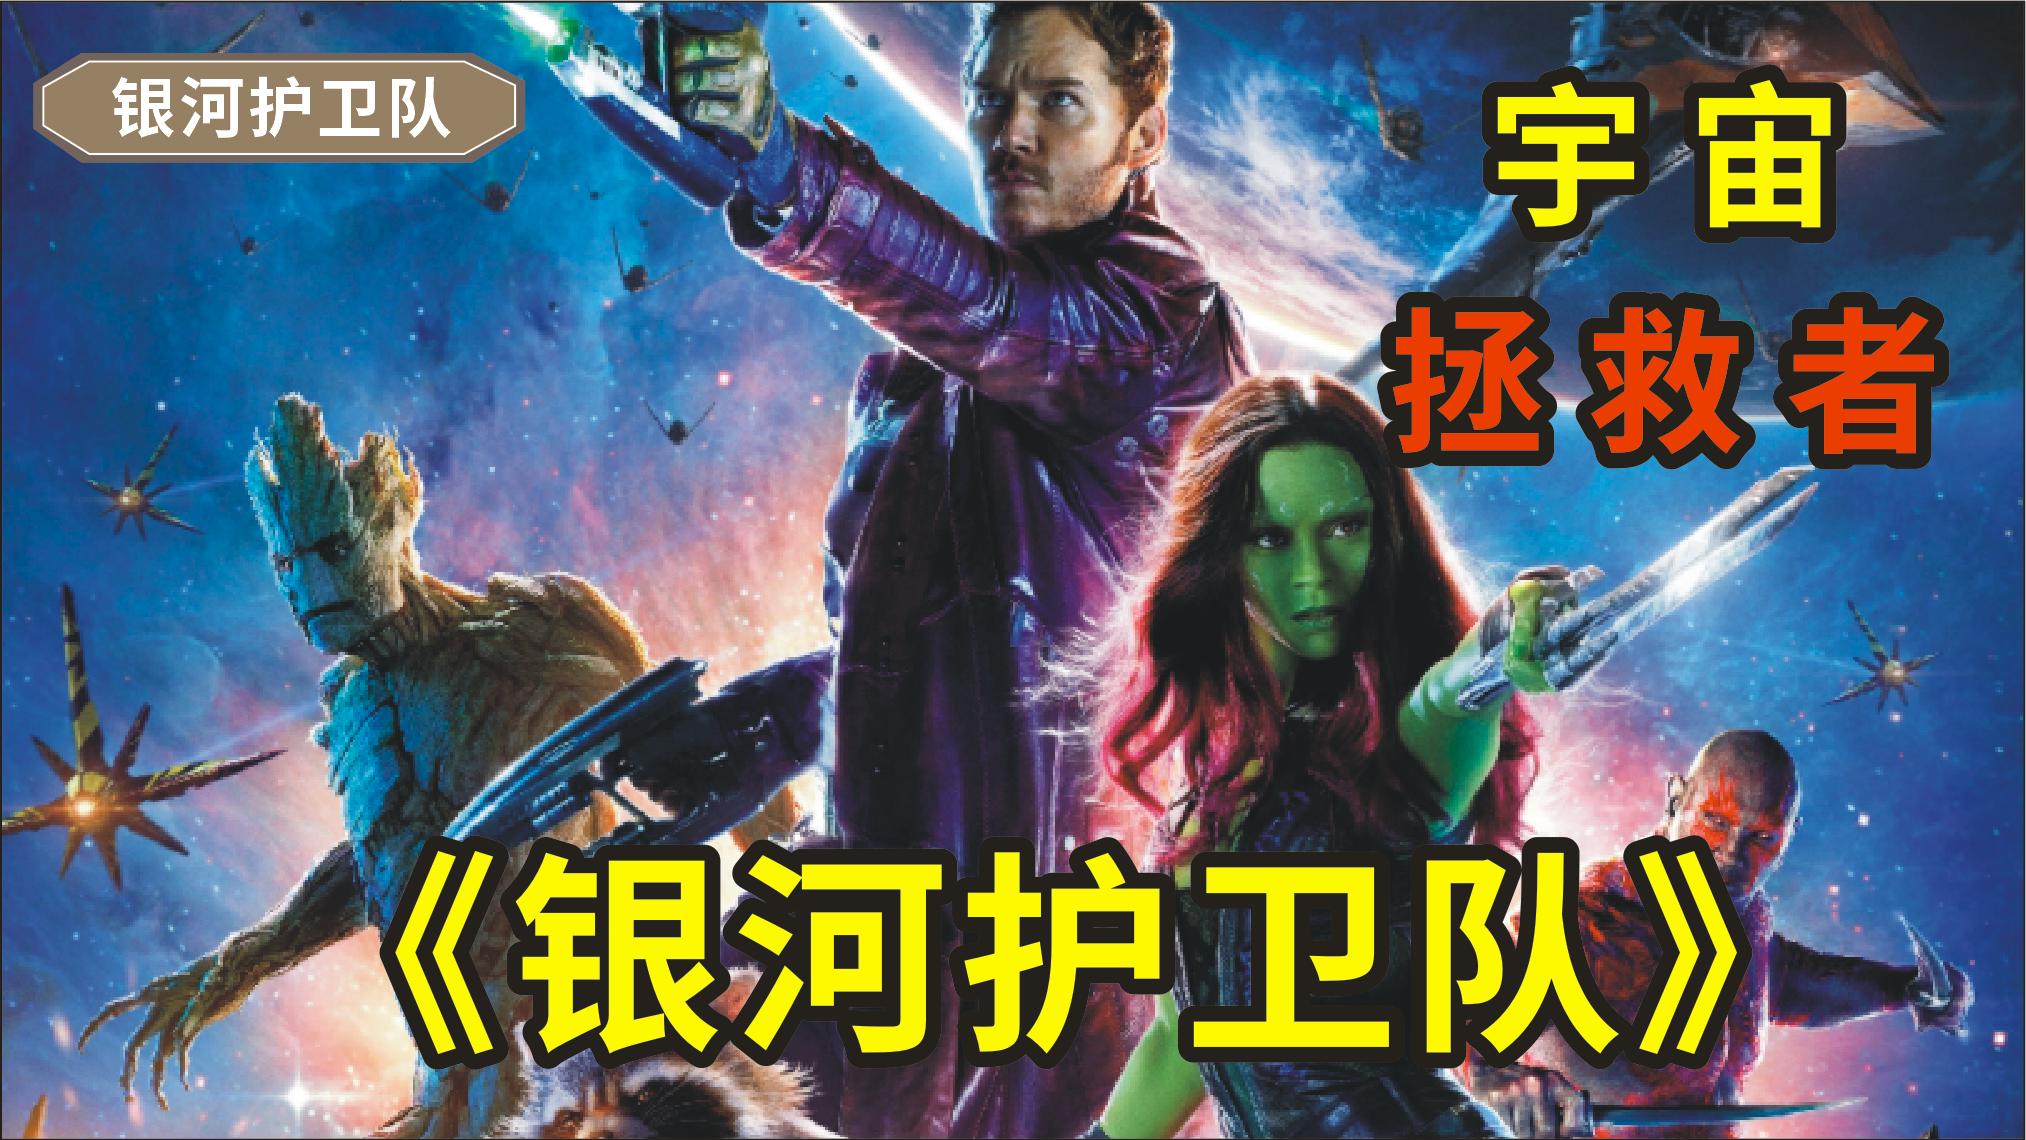 《银河护卫队》,当复仇者联盟在拯救地球,他们在拯救全宇宙